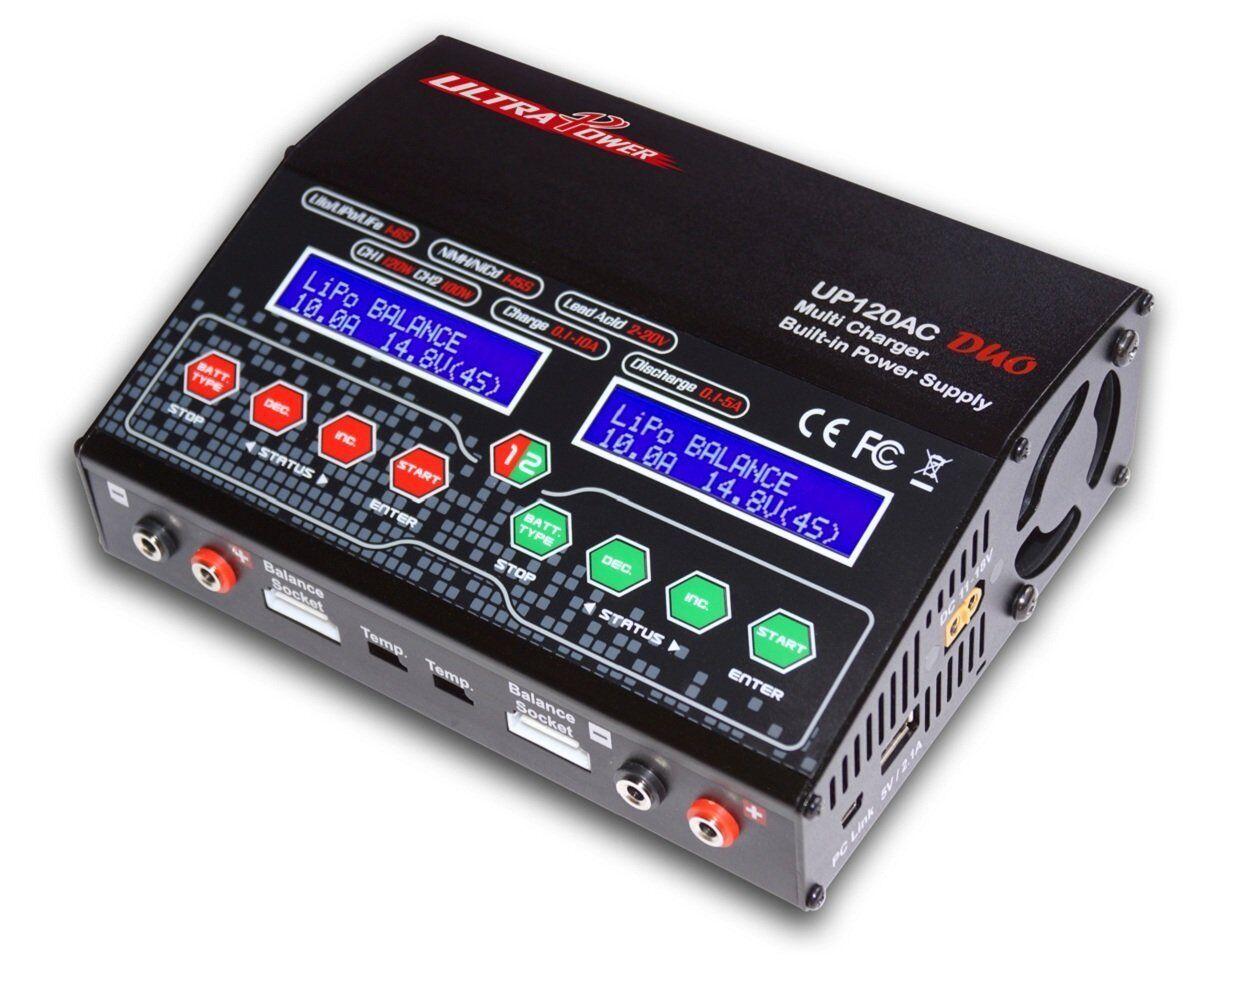 Ultra UP120AC DUO 2 Puerto 12A Power Batería cargador de equilibrio lipo lihv Nimh Ac Dc